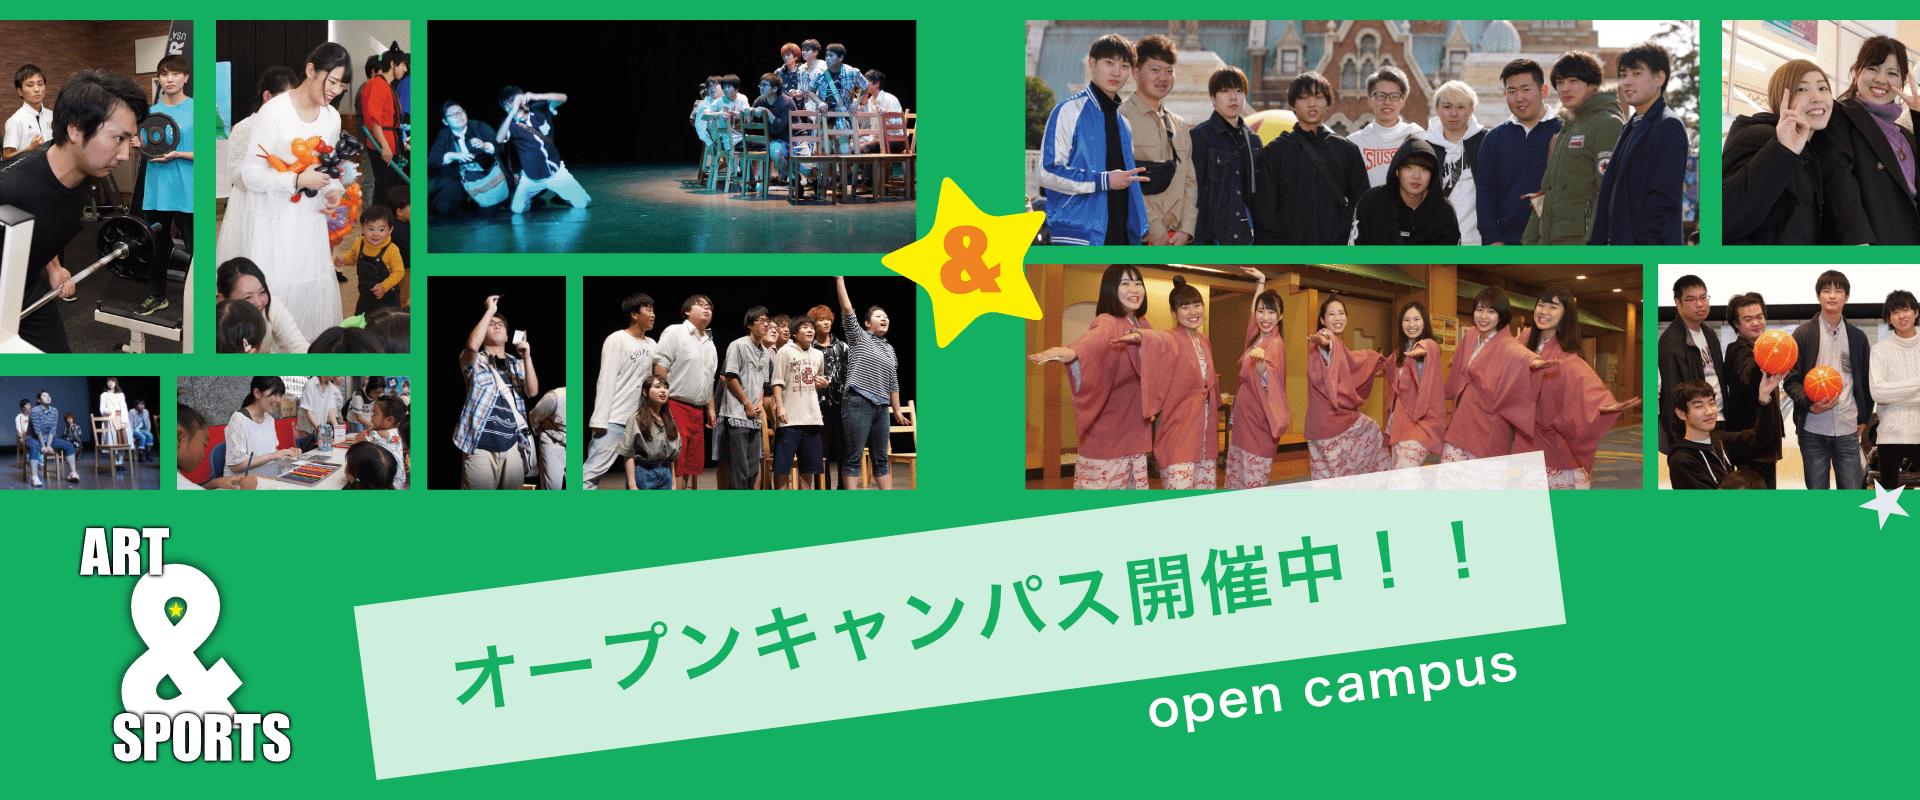 宇都宮アート&スポーツ専門学校